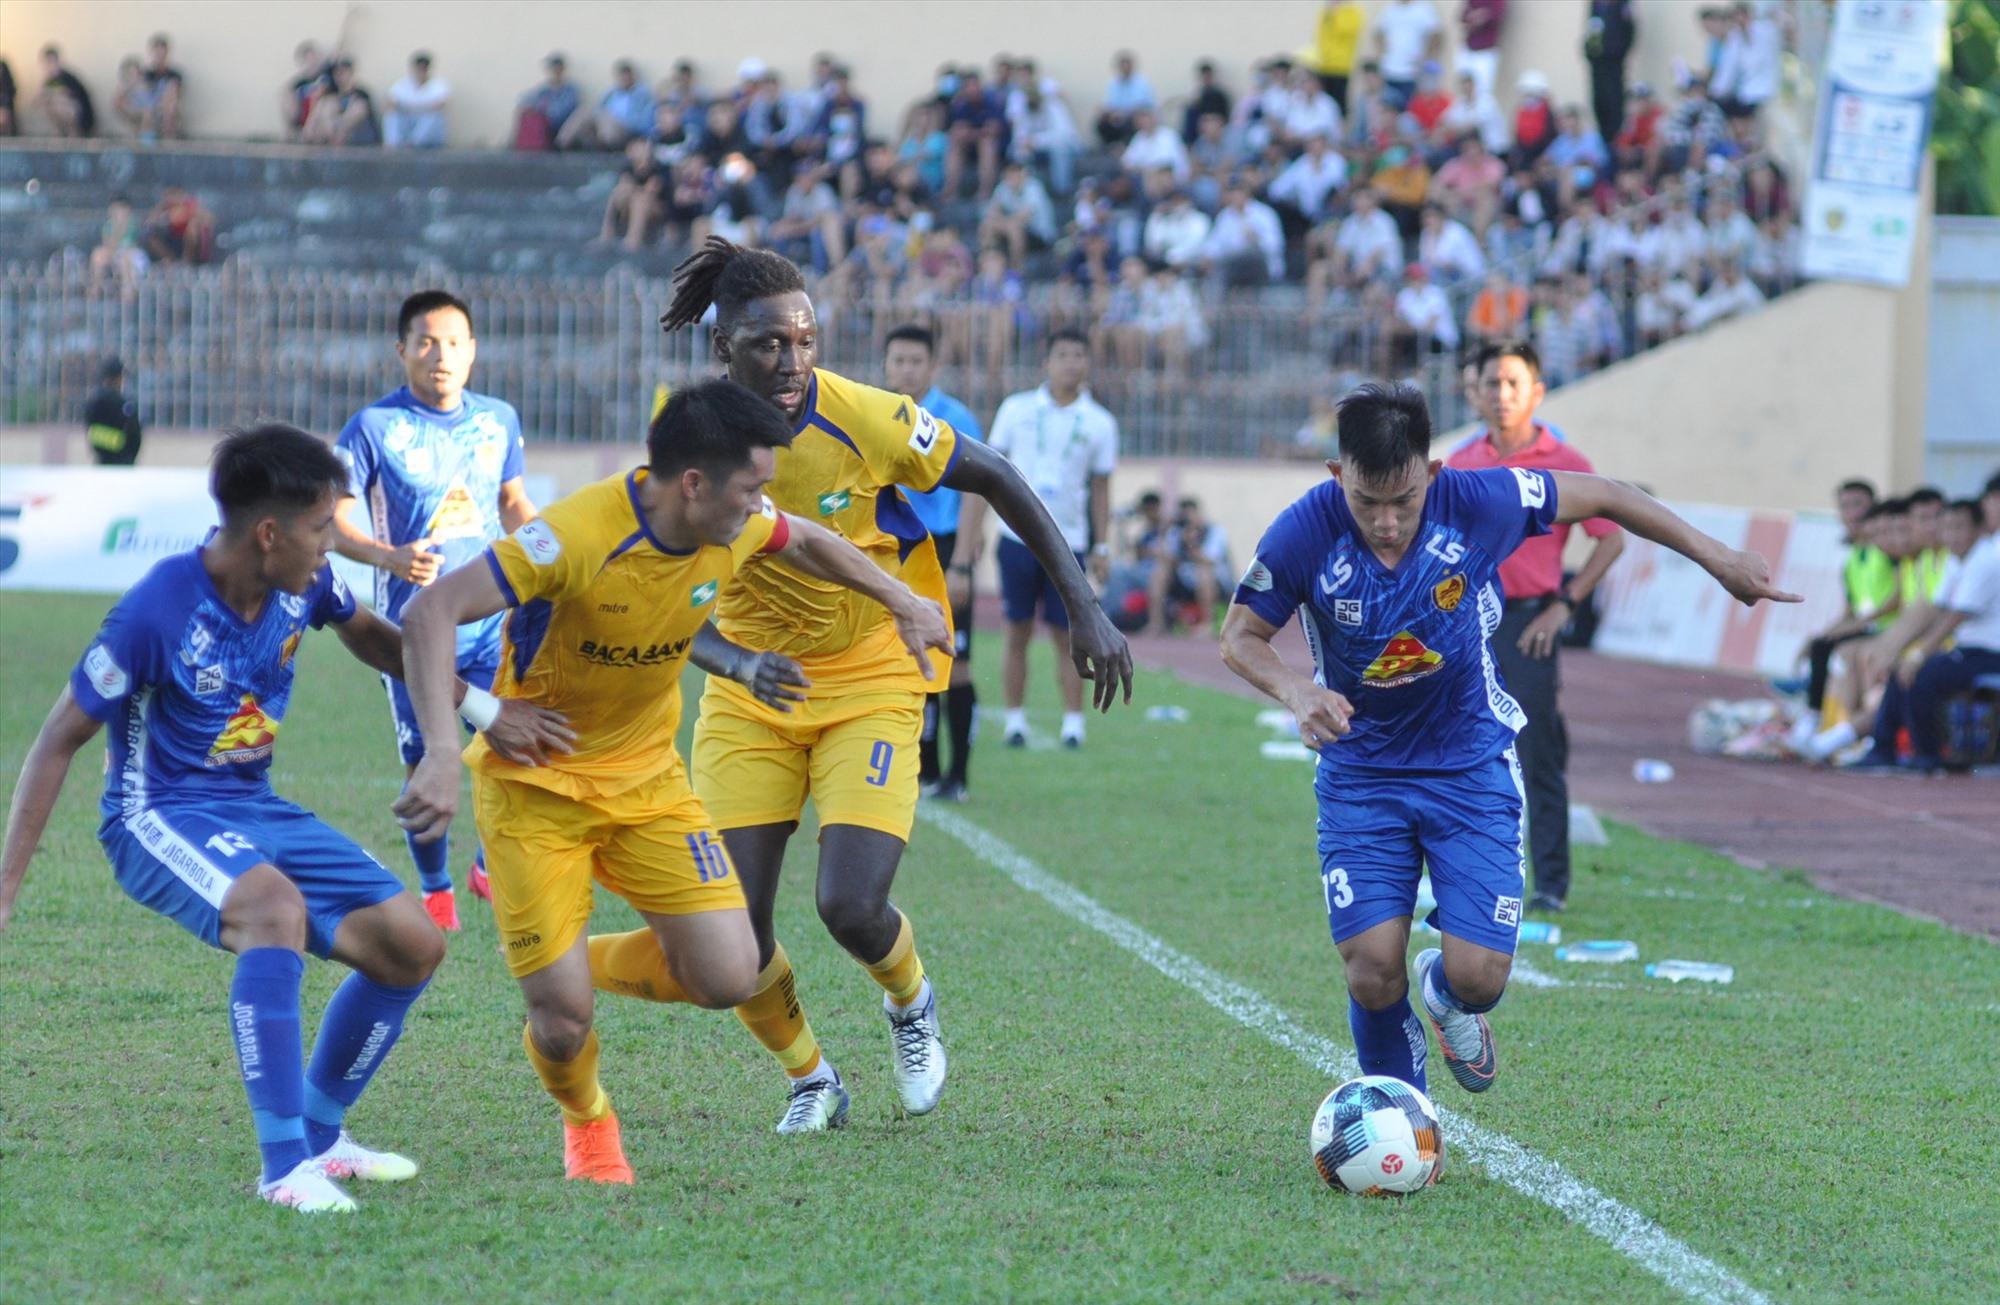 Hồng Sơn (áo xanh) là cầu thủ thi đấu tốt nhất của Quảng Nam với 2 pha dứt điểm suýt thành bàn. Ảnh: A.S